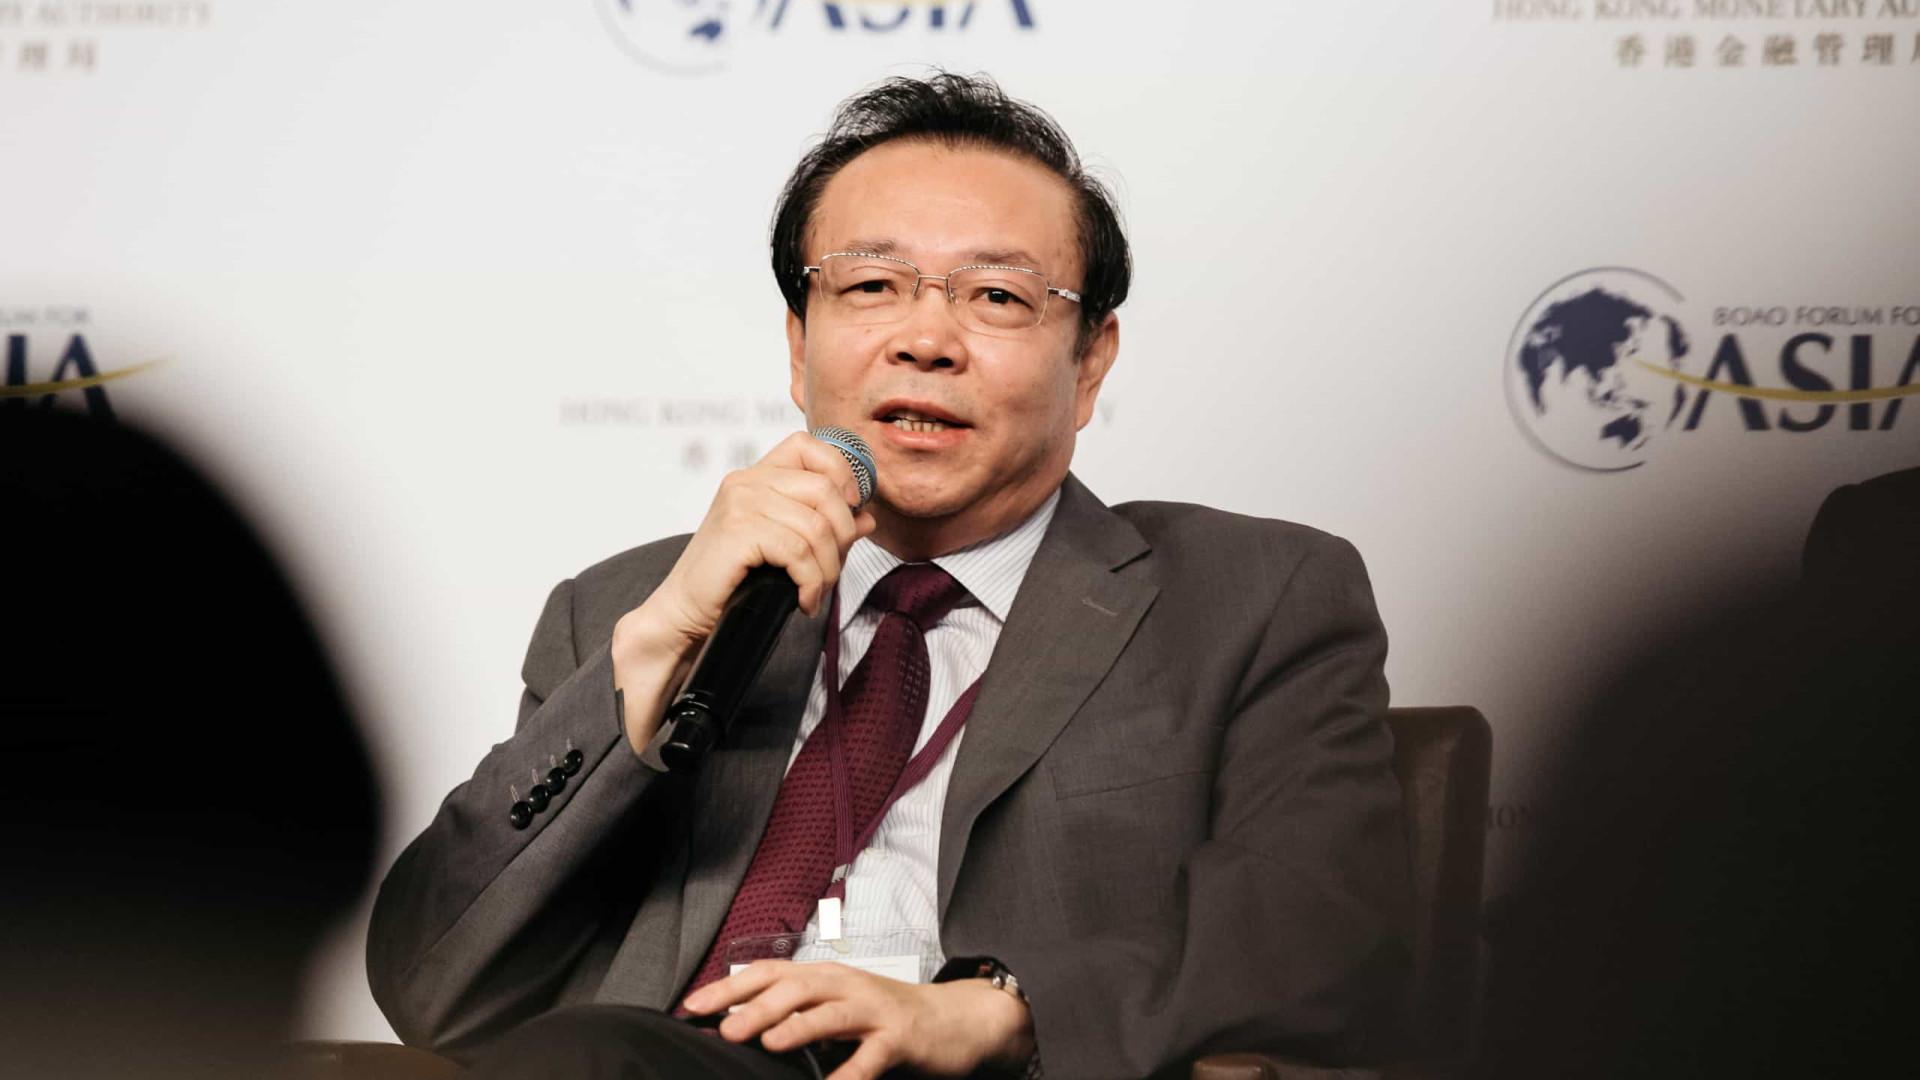 China executa ex-banqueiro condenado à morte por corrupção e bigamia